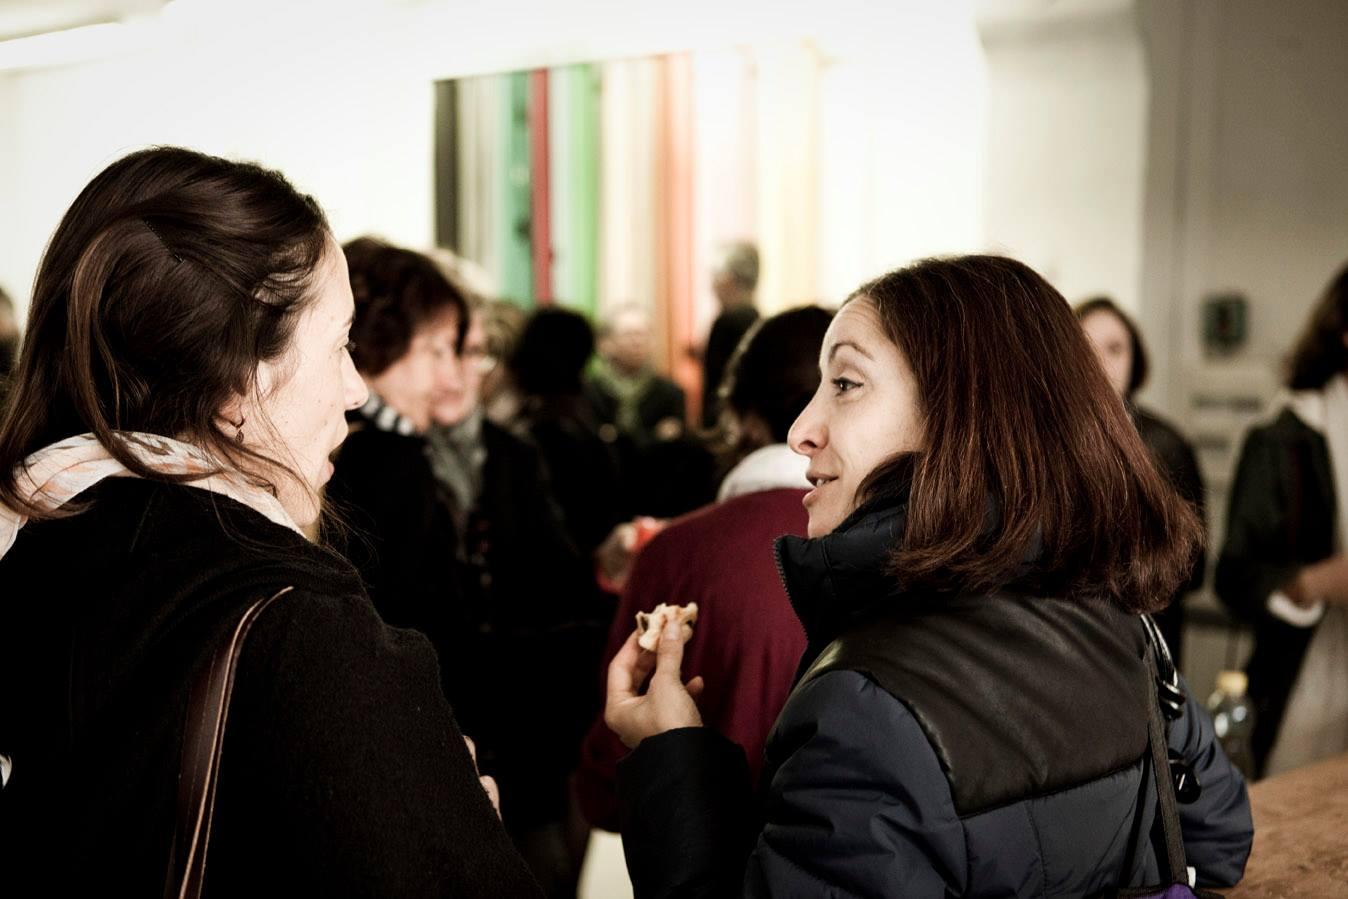 Agnes-Claret-Tournier reveil creatif_4